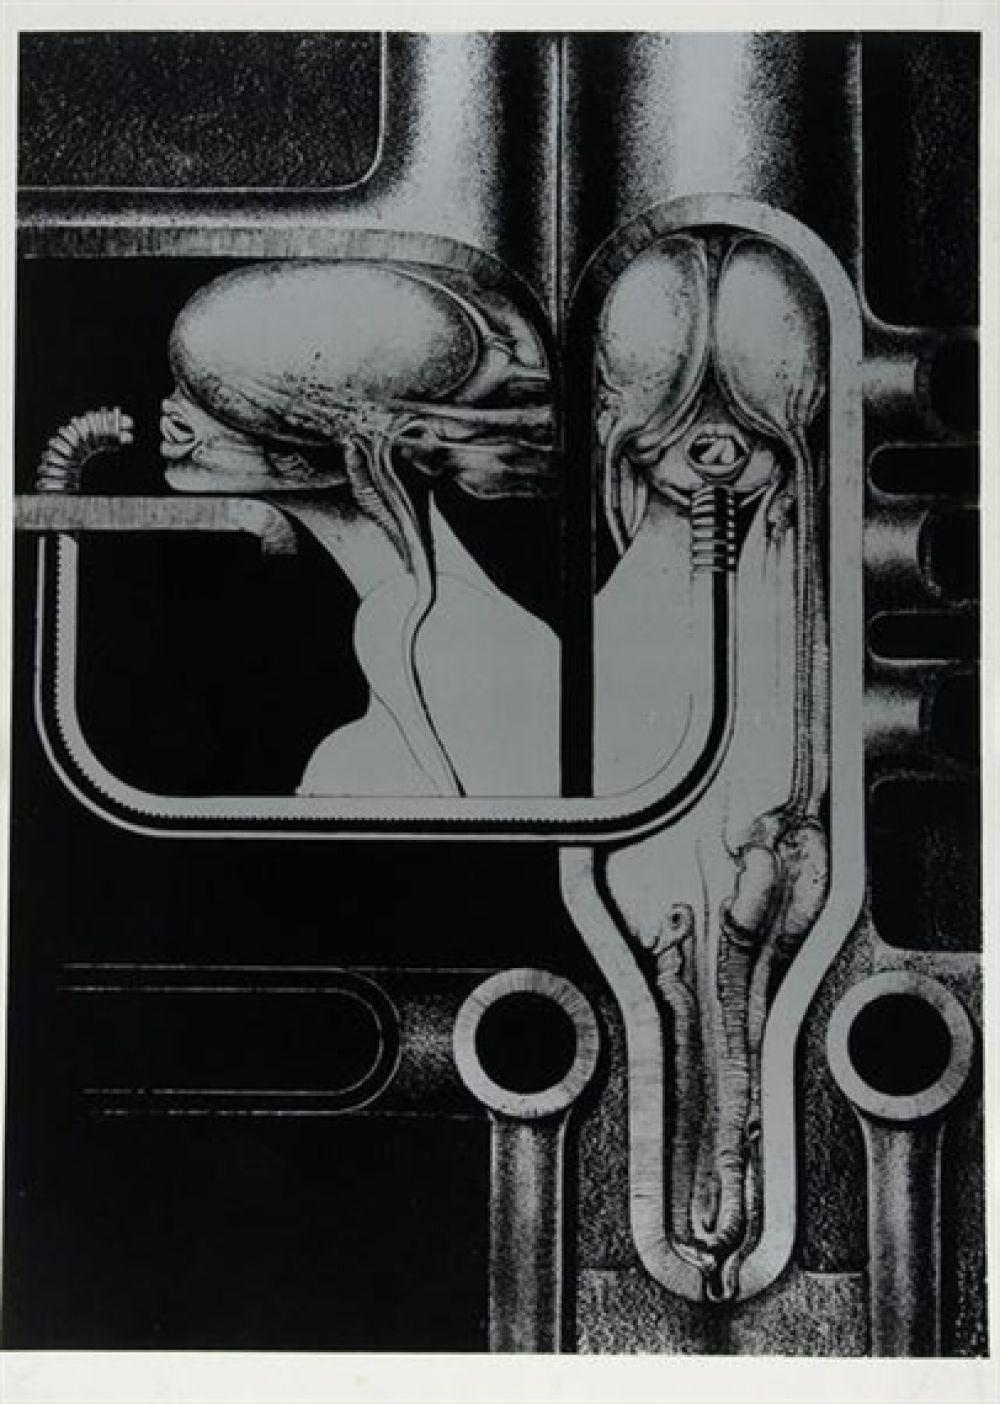 Ганс Рудольф Гигер родился в Швейцарии в семье аптекаря. Однажды отец подарил сыну череп, чтобы увлечь того биологией и анатомией, но в итоге это привело мальчика в живопись. Гигера интересовали механизмы взаимодействия биологической плоти и искусственных материалов, вместе с этим большое впечатление на него произвели рассказы Говарда Лавкрафта.